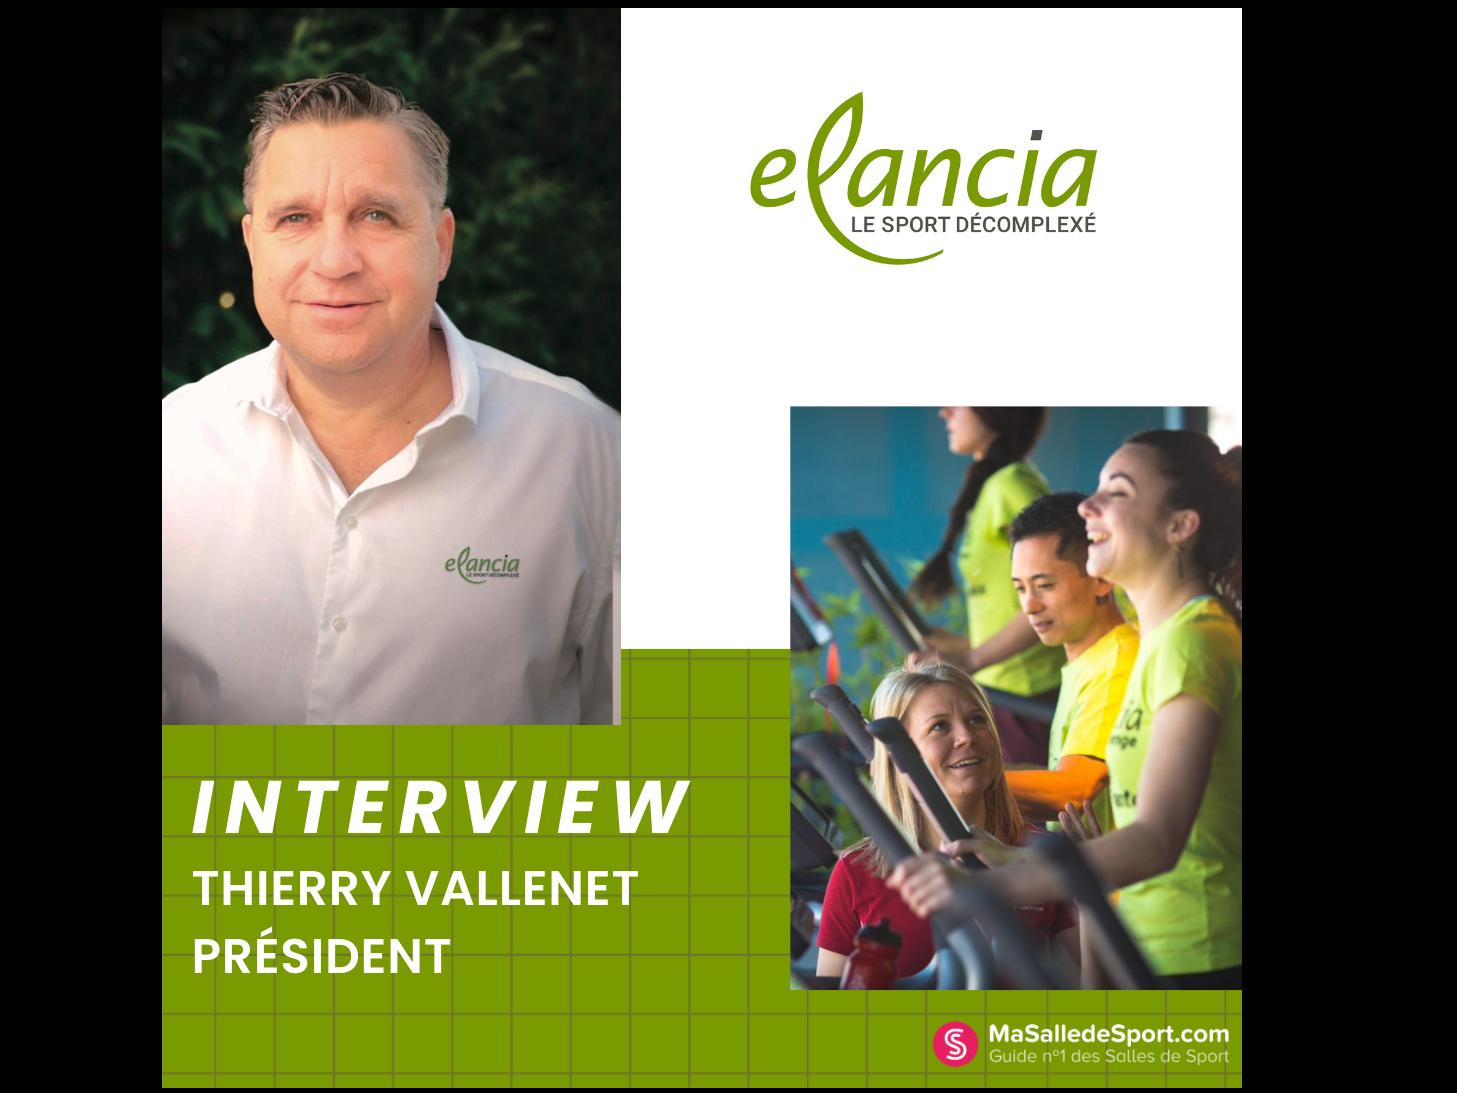 Interview de Thierry Vallenet - Président d'Elancia